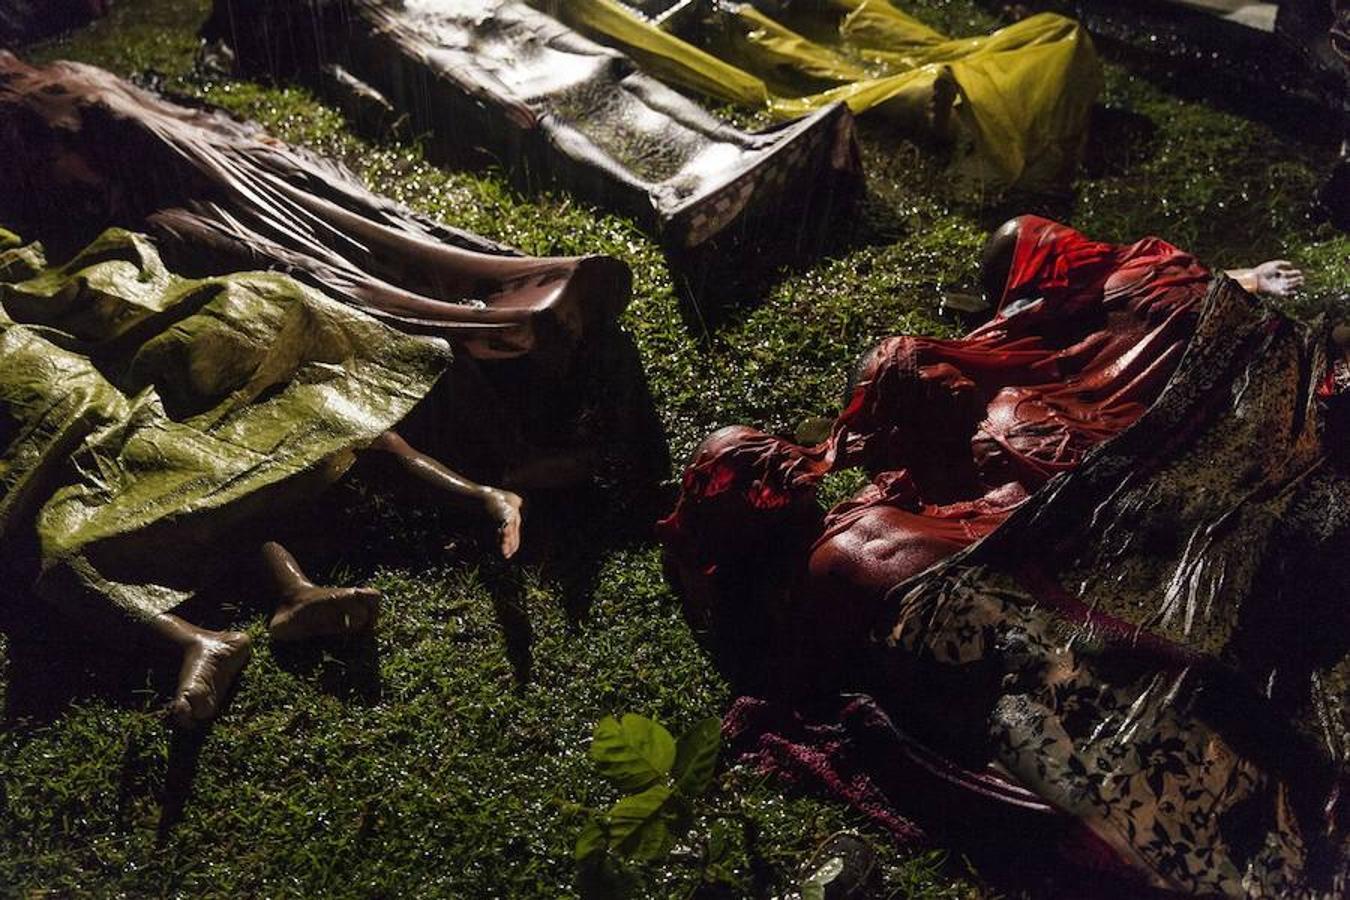 La fotografía tomada por el fotógrafo Patrick Brown de Panos Pictures es de septiembre de 2017 y muestra los cuerpos sin vida de unos niños y refugiados Rohinyá en una playa en Cox Bazar (Bangladesh) después de que su barco naufragase mientras huían de Birmania